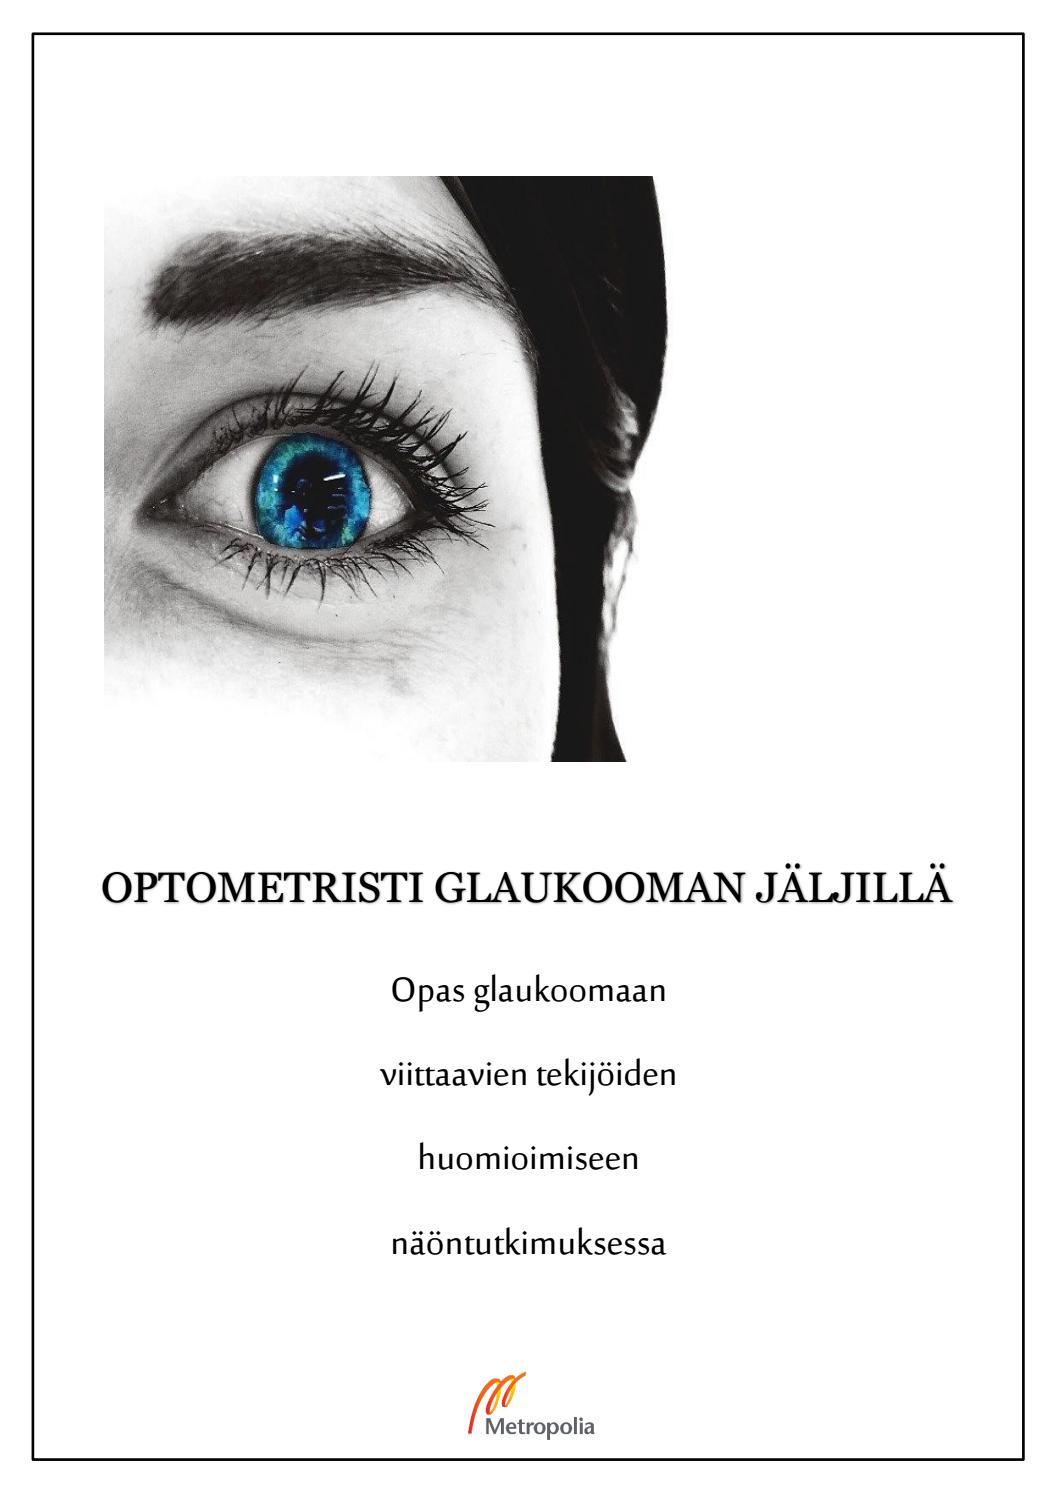 Glaukooma Käypä Hoito